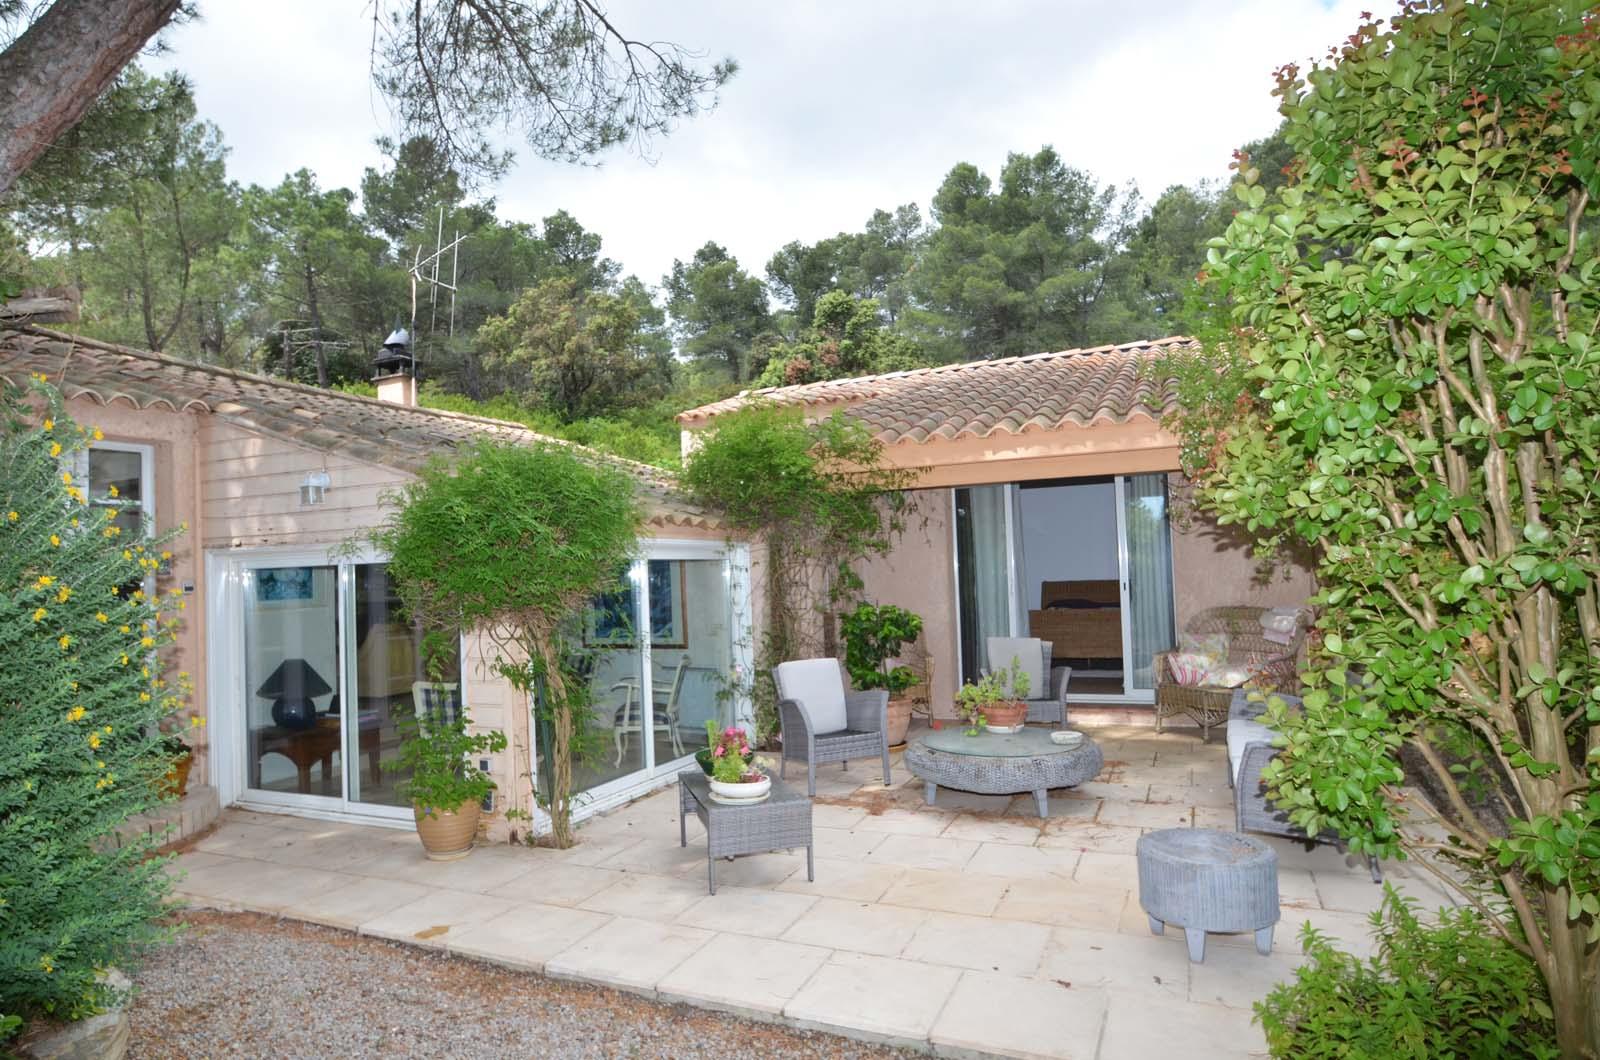 Vakantiehuis in Boutenac met zwembad, in Languedoc-Roussillon.